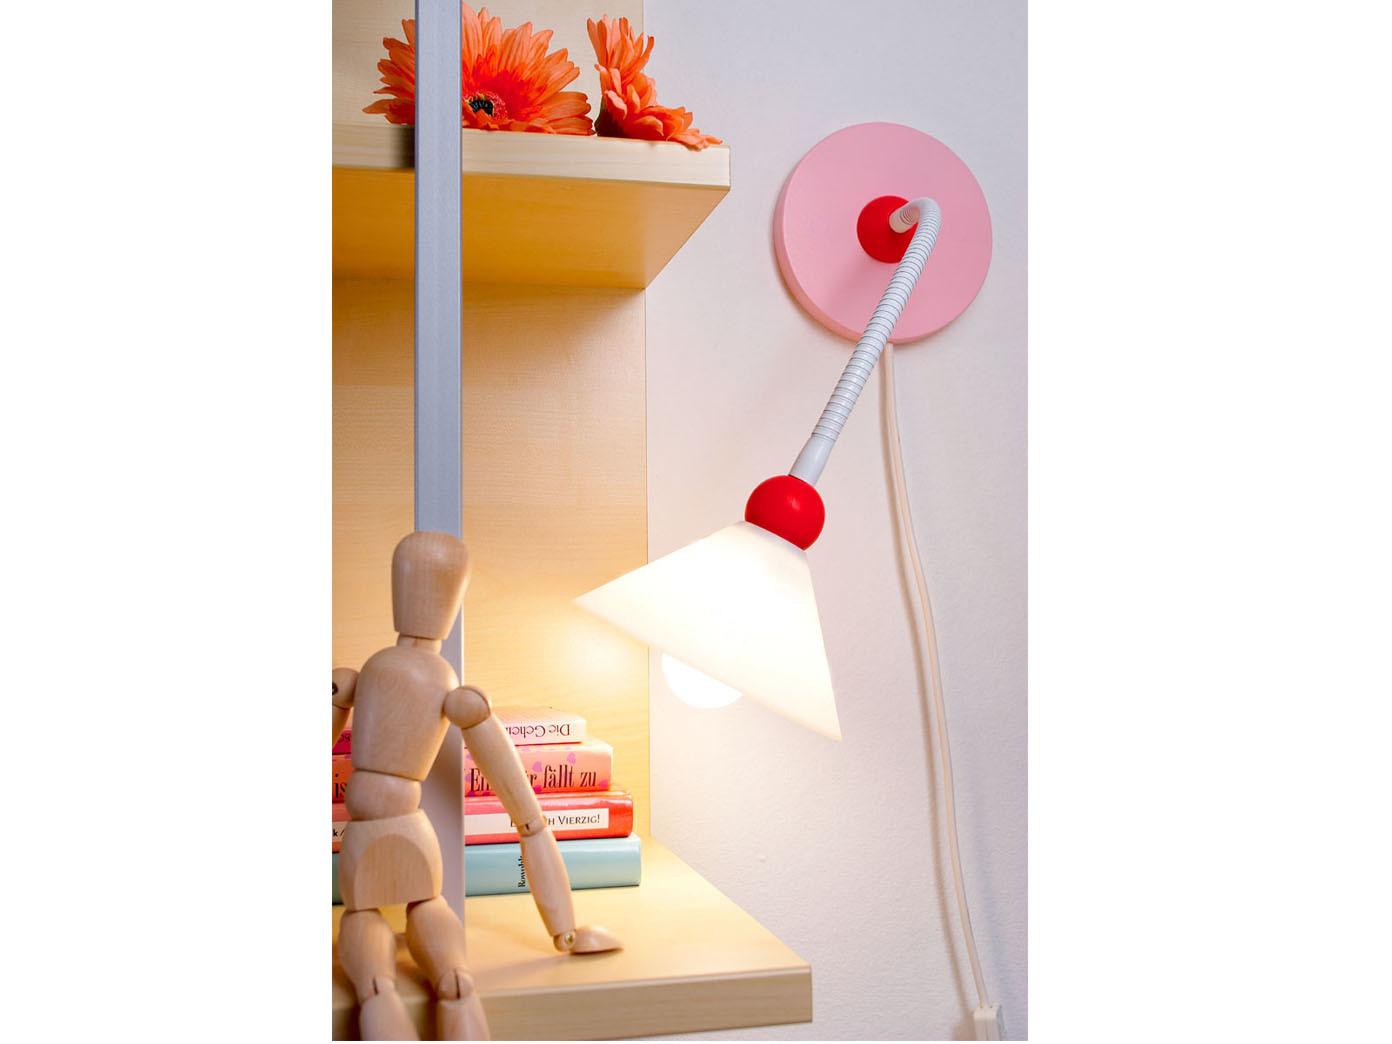 wandlampen kinderzimmer, led wandleuchte kinderzimmer design prinzessin biegsames 30cm, Design ideen